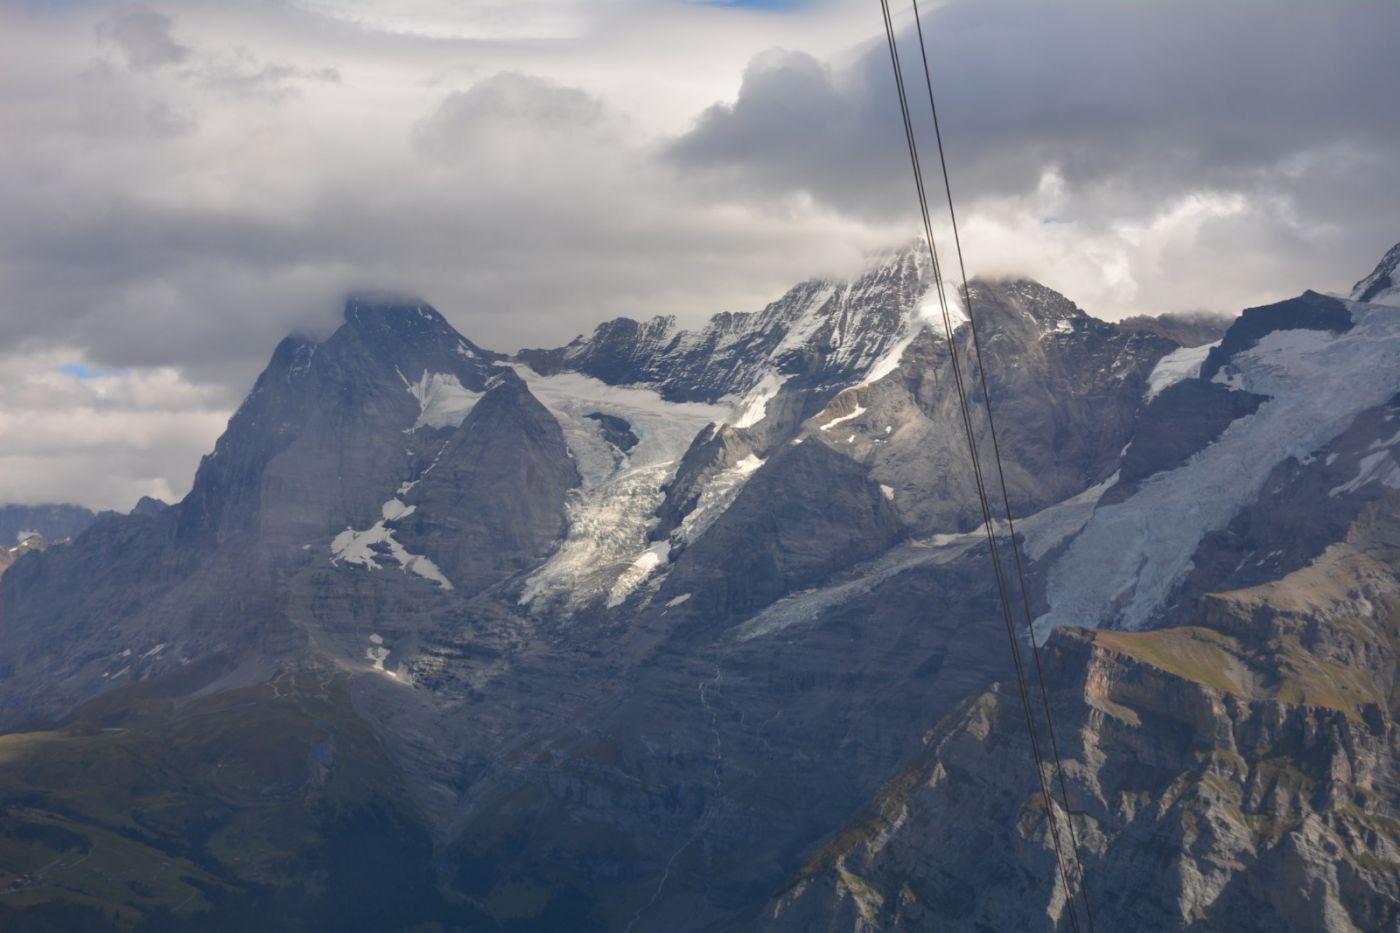 登上阿尔卑斯山遥望少女、勃朗峰_图1-22